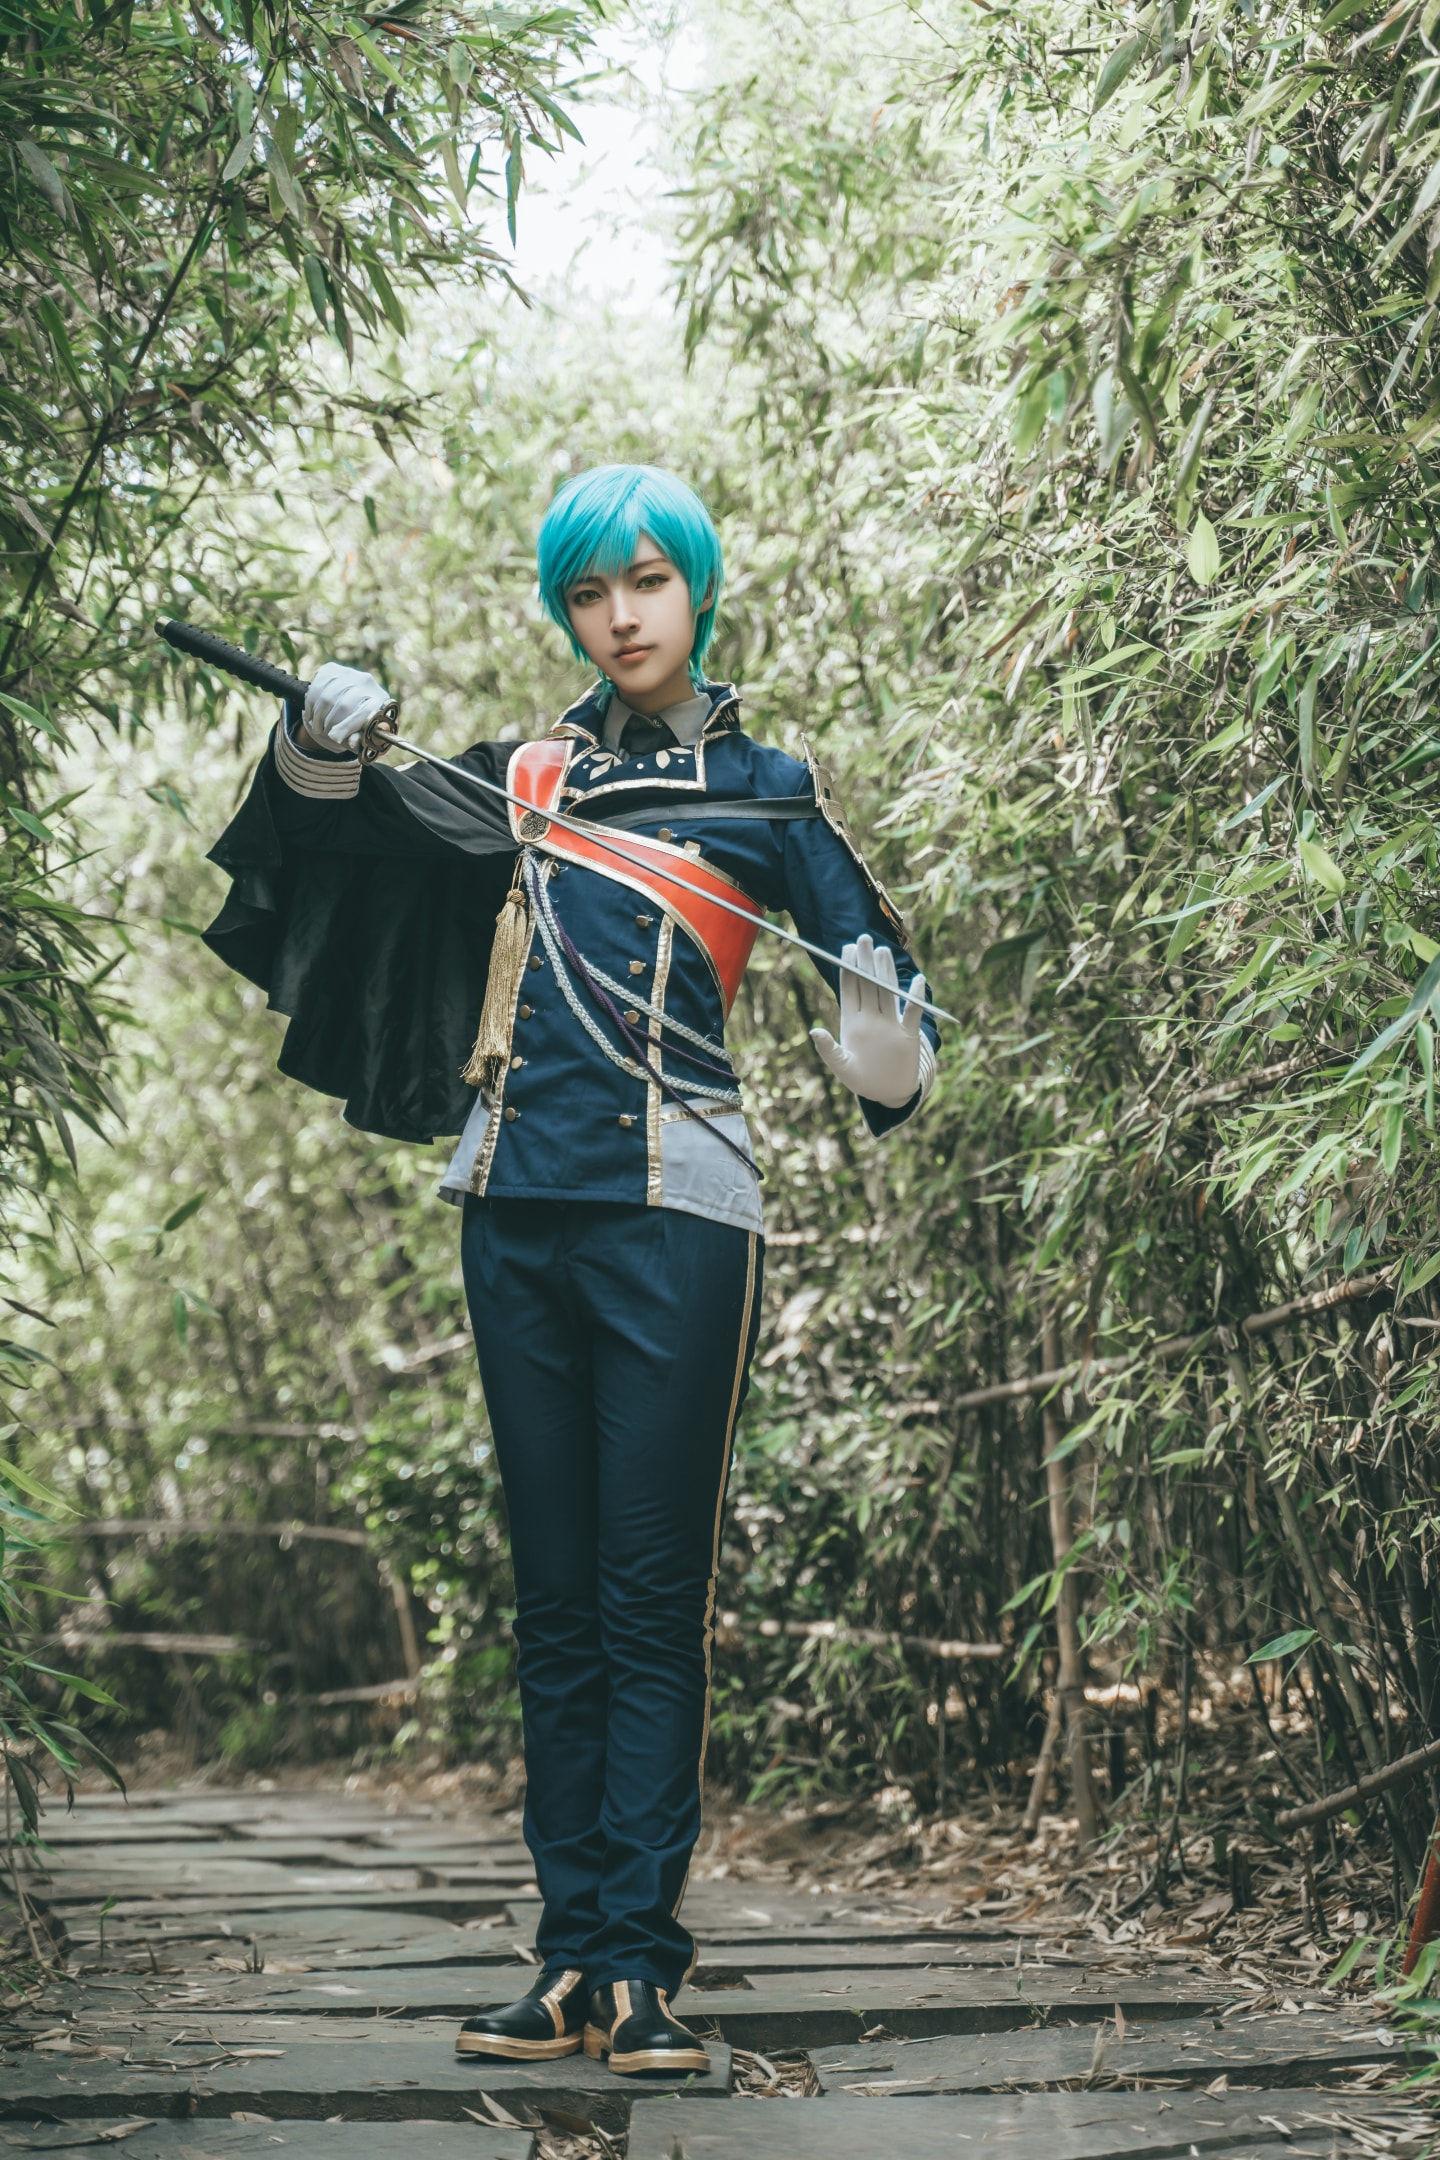 刀剑乱舞一期一振cosplay插图(6)